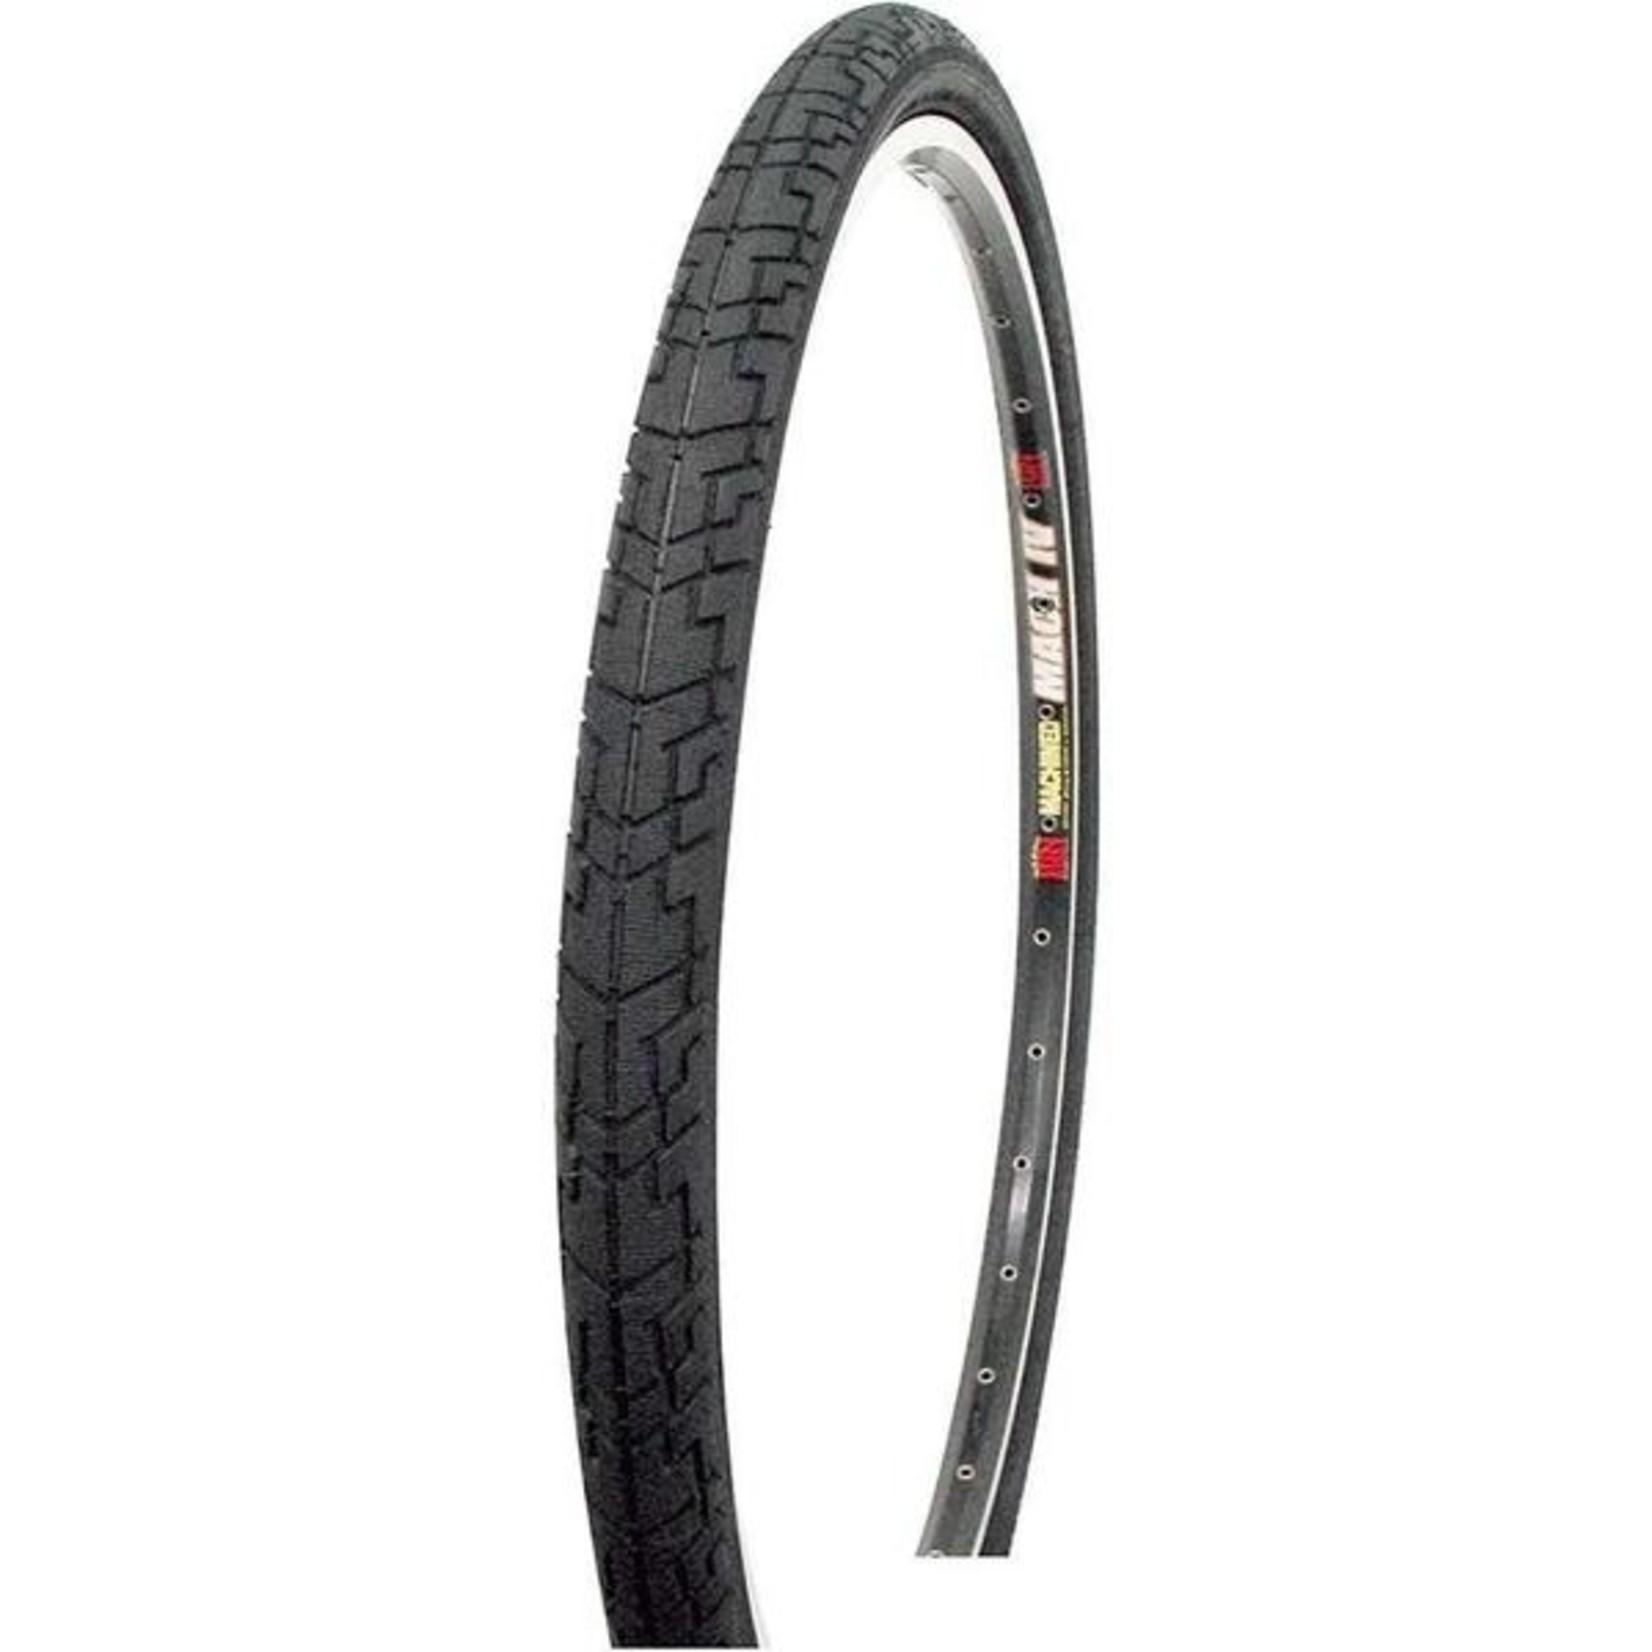 Vee Rubber Nimbus 26x1.9 Wire Bead Tire